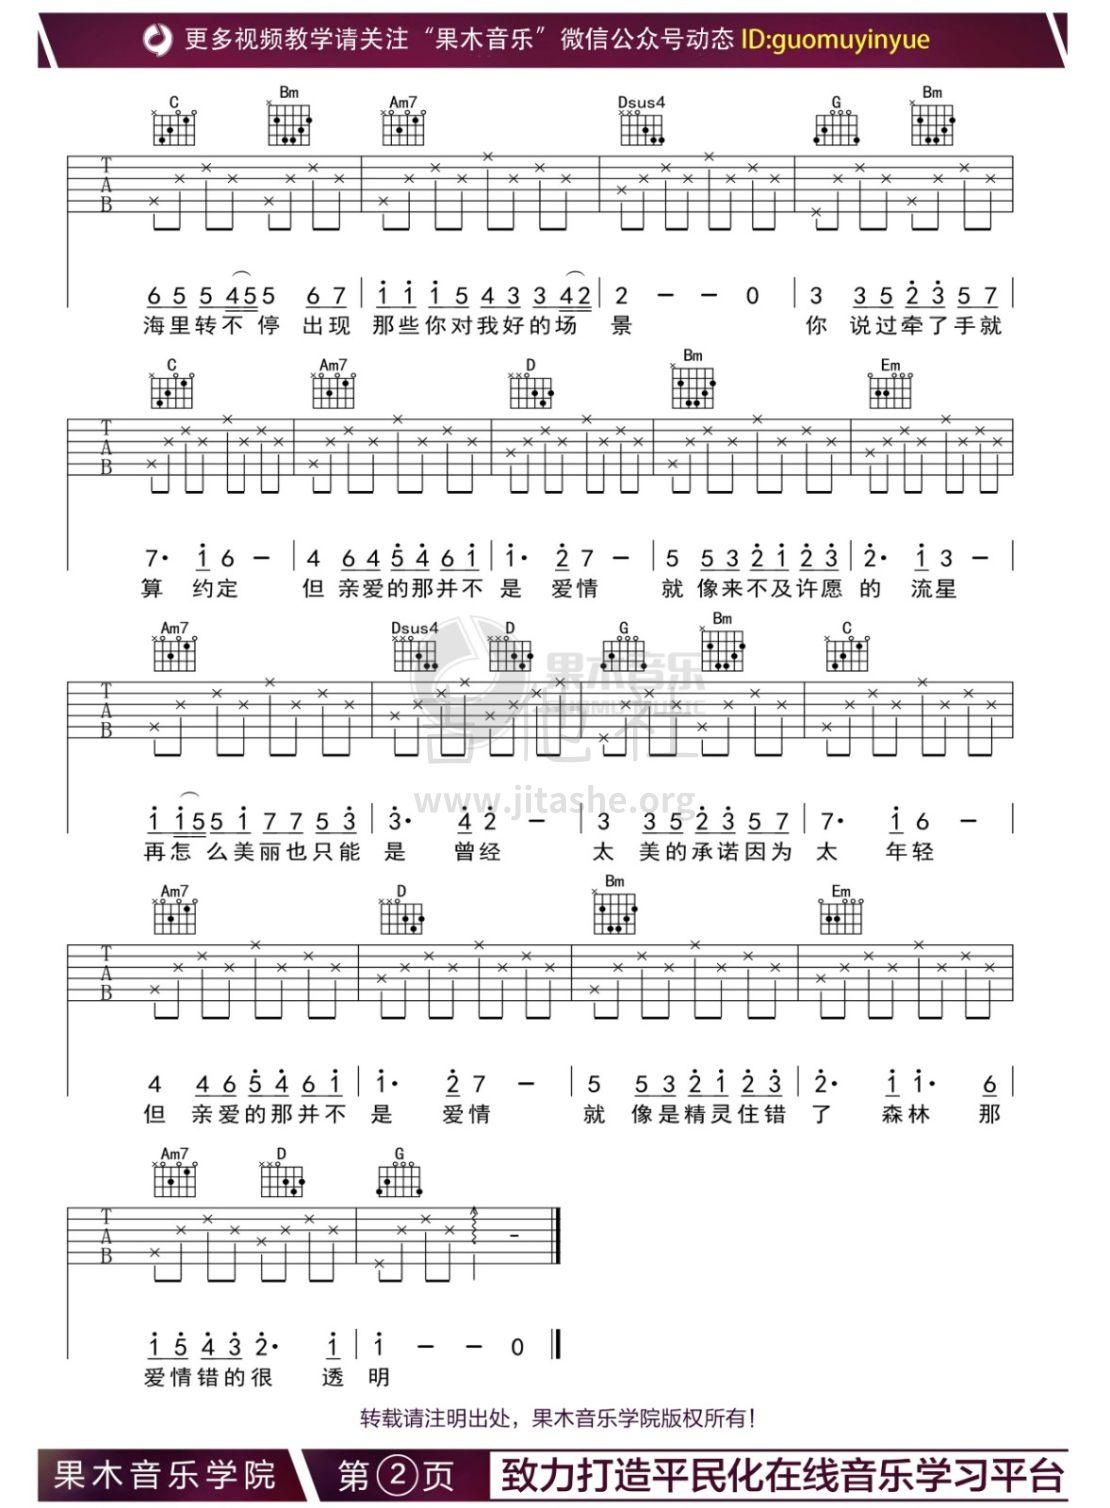 亲爱的那不是爱情(果木音乐编配)吉他谱(图片谱,吉他教学,吉他弹唱,吉他入门)_张韶涵_亲2.jpg